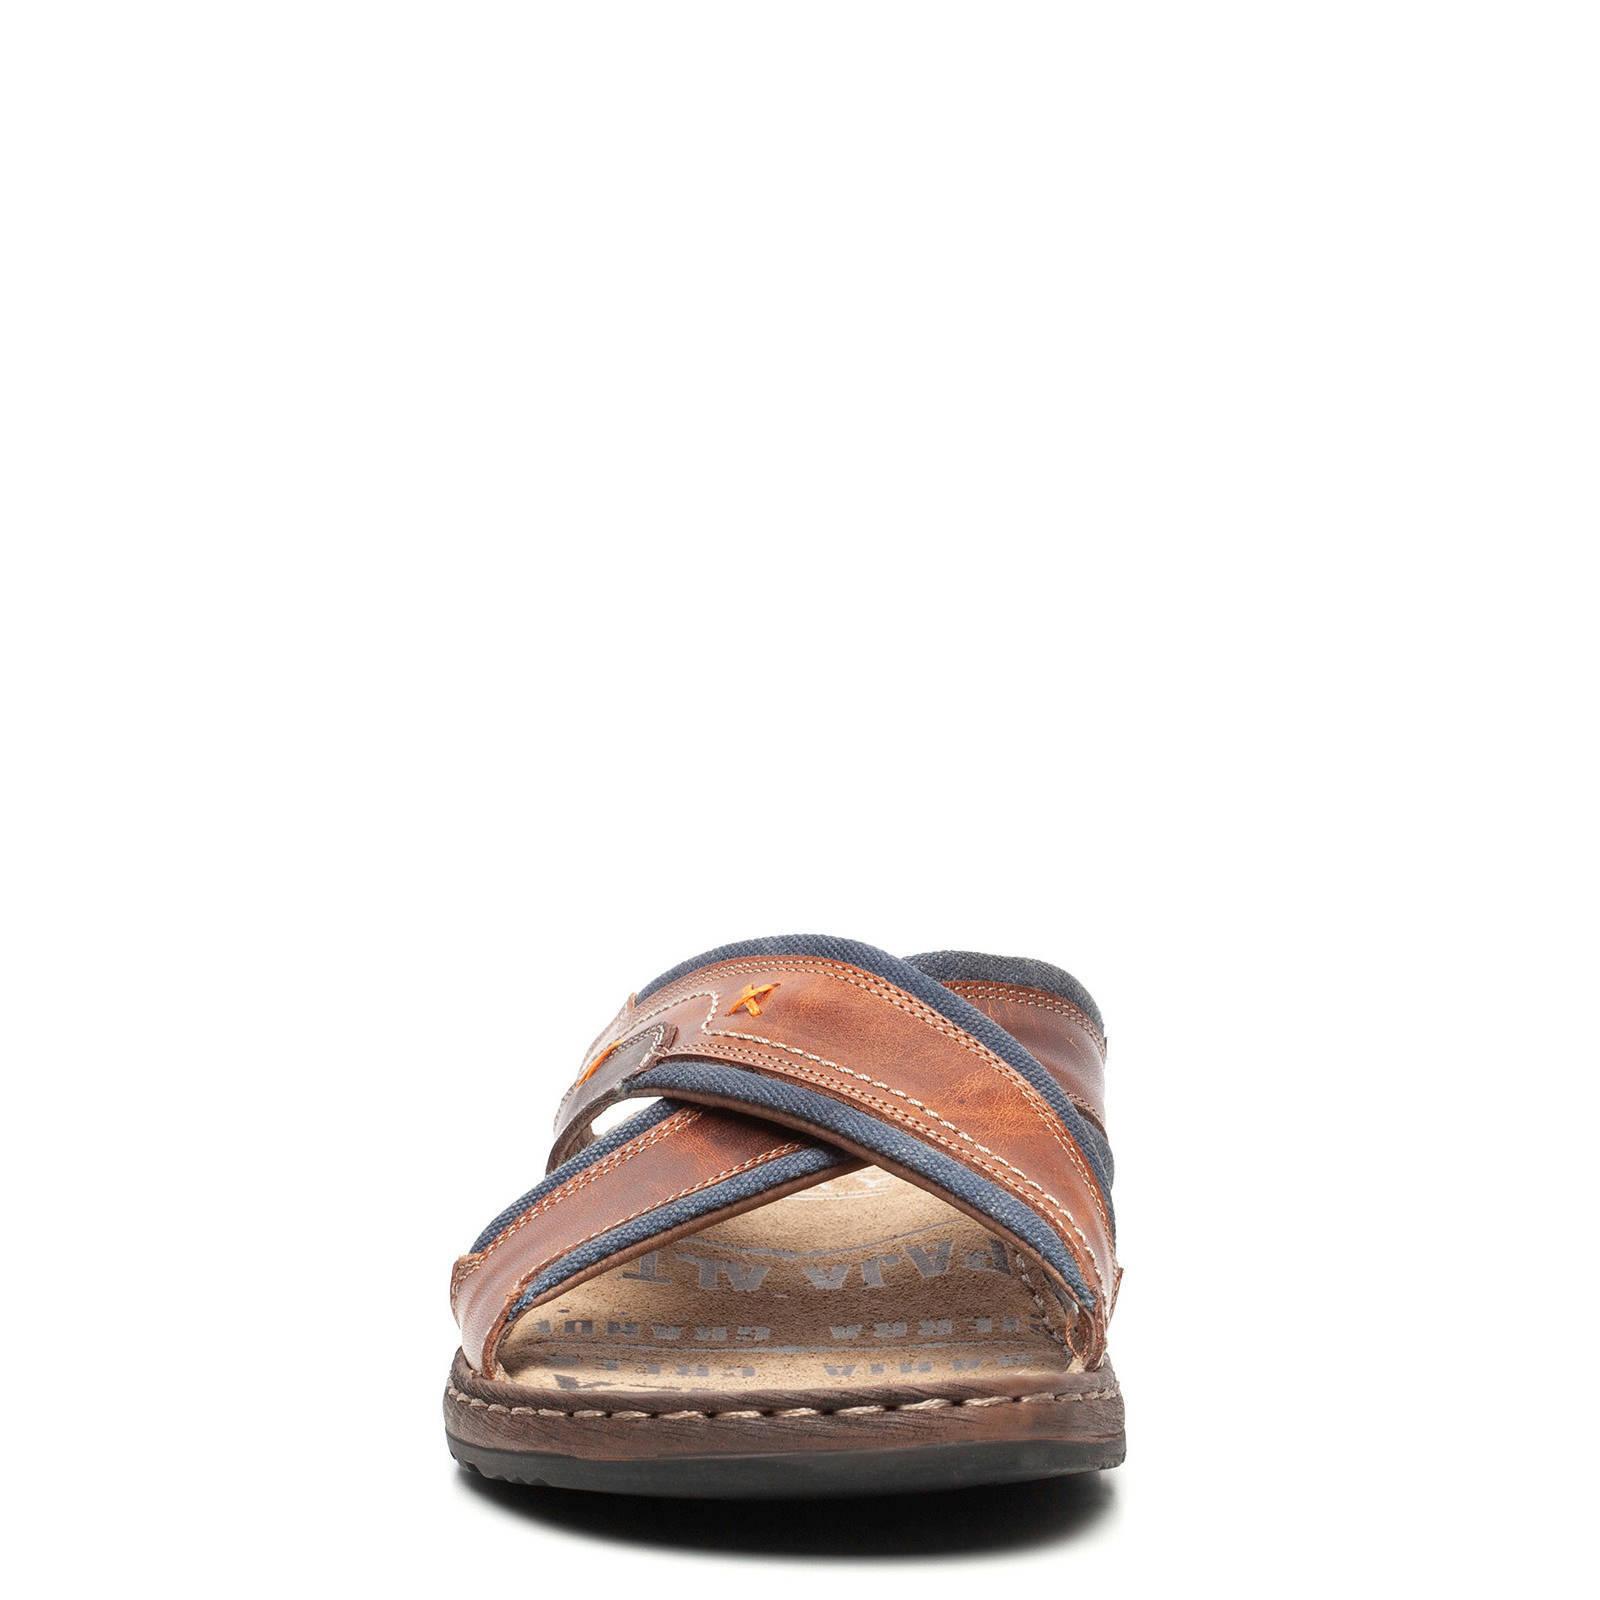 TwoDay leren sandalen cognac Sandalen, Leer en Nieuwe mode